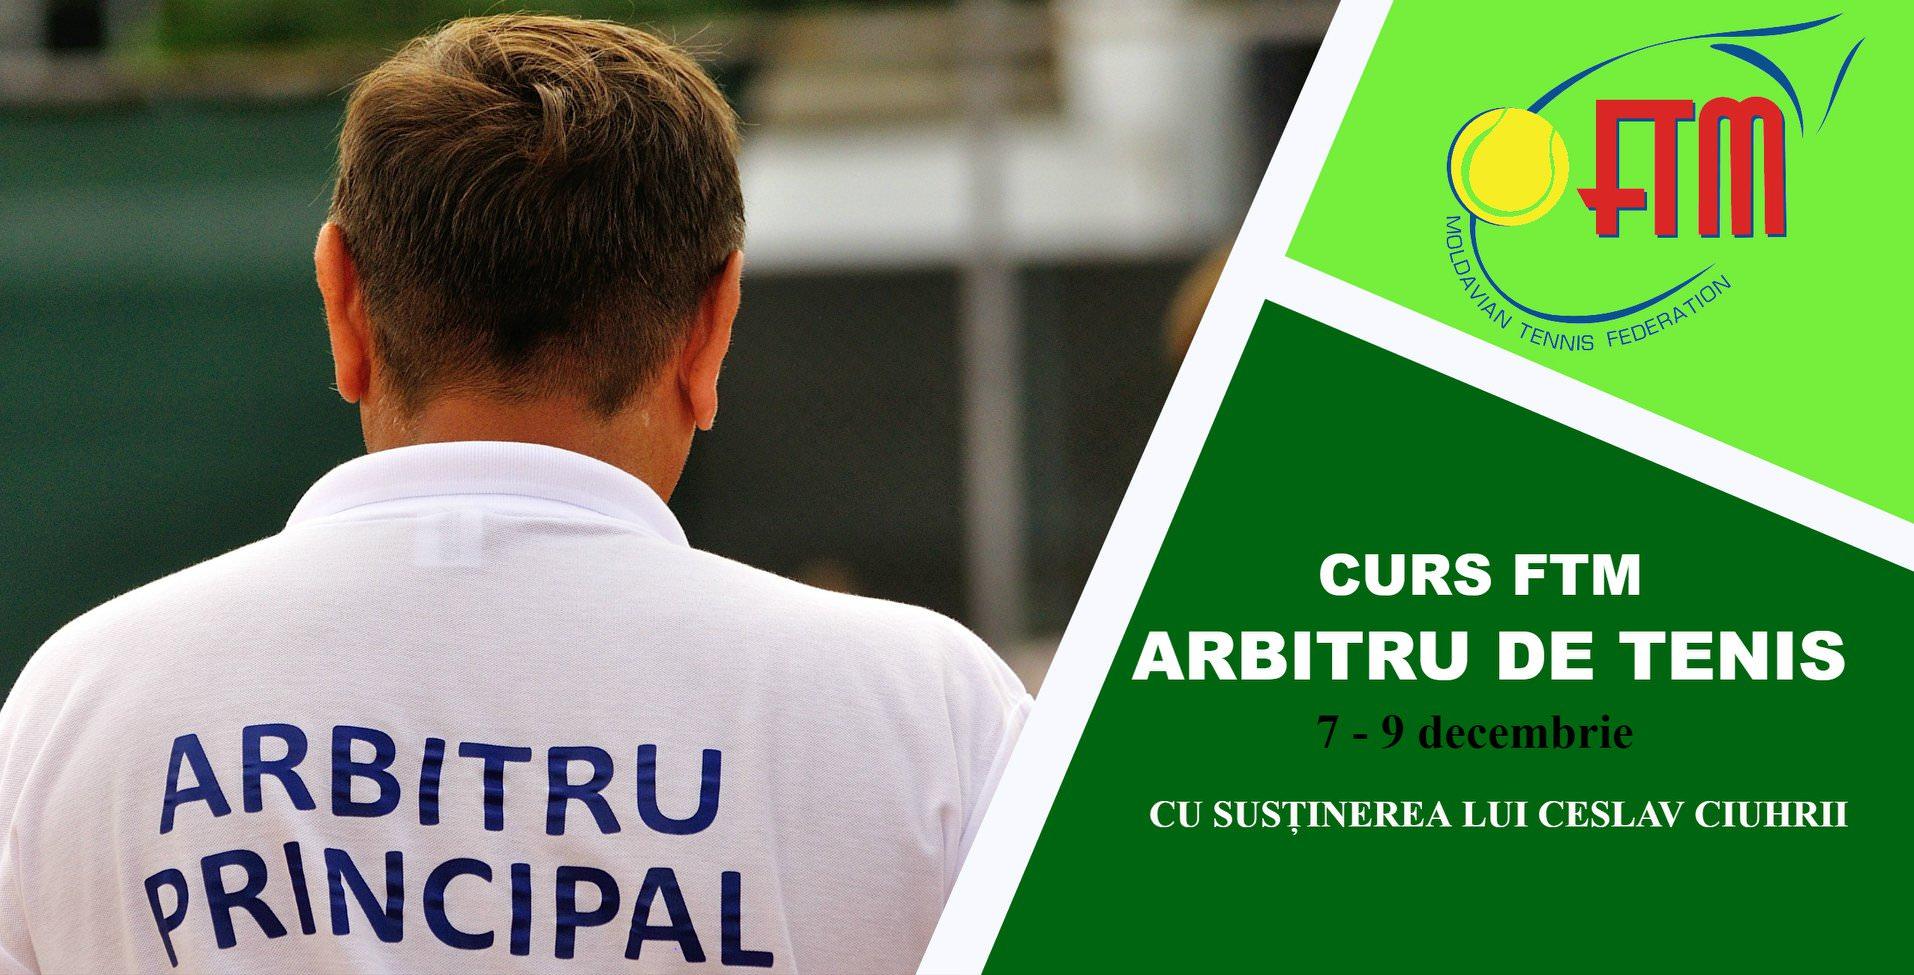 În două zile începe cursul FTM pentru arbitri de tenis!